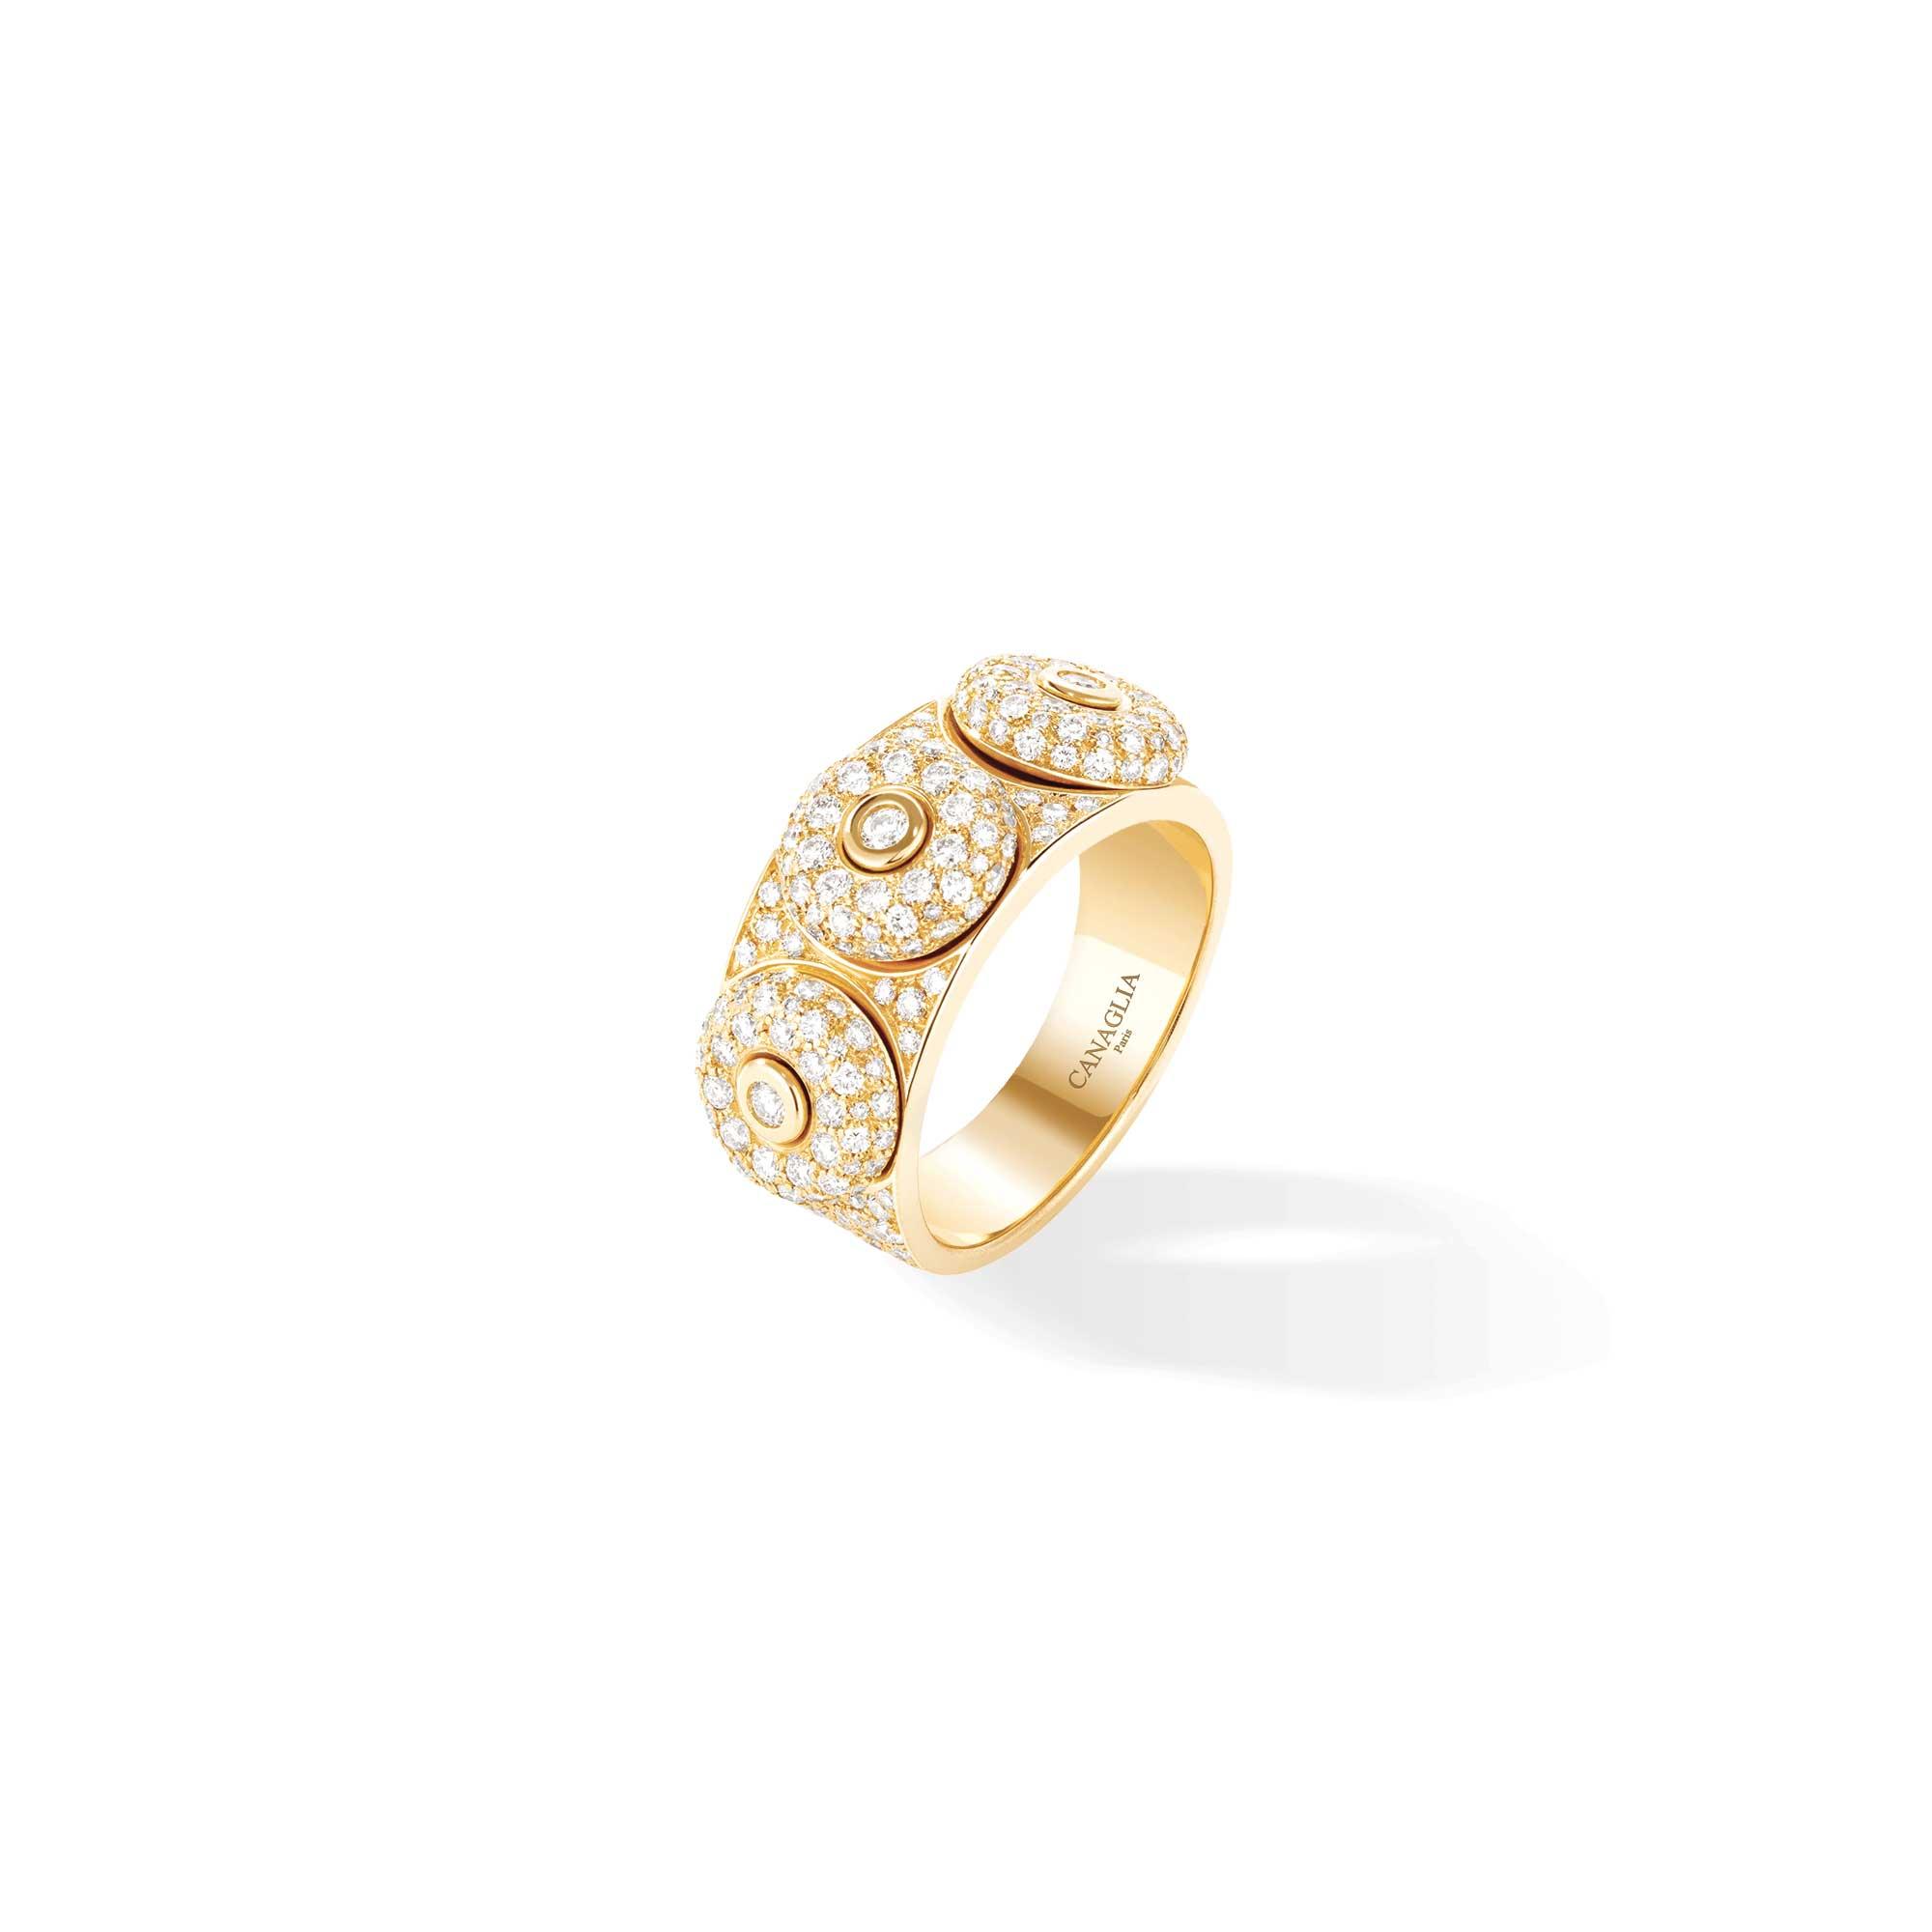 Bague jonc or jaune, diamants, pavage diamants 3 bouées - Joaillerie Canaglia Paris-Milan